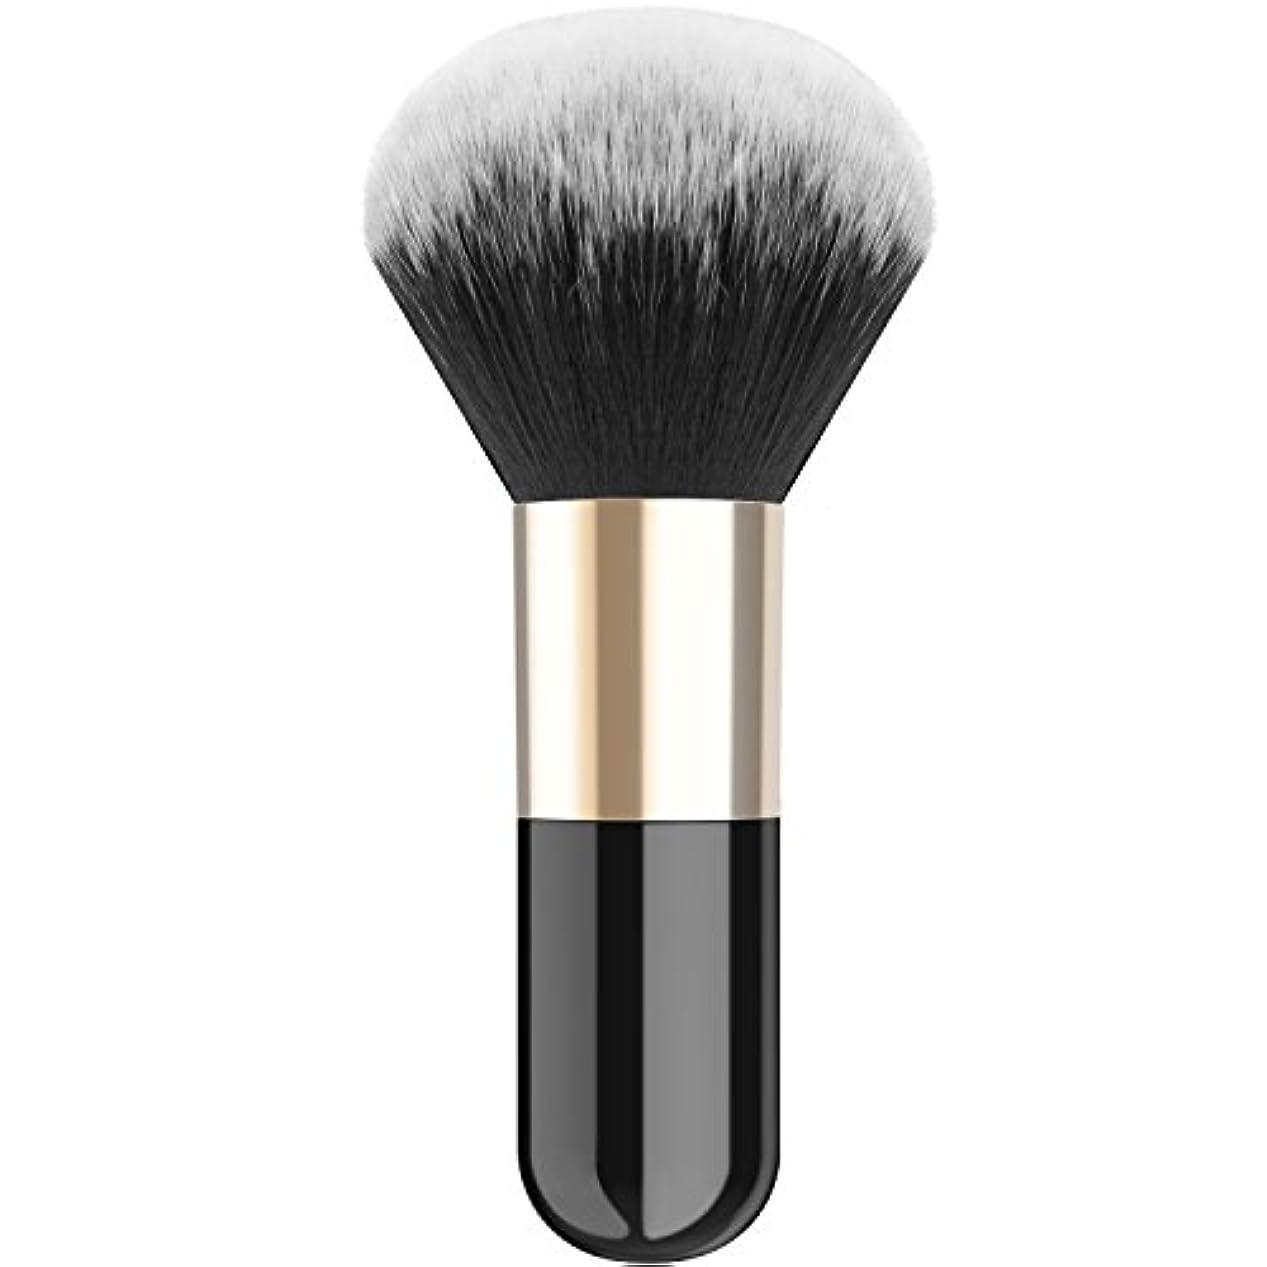 トレード民主党衝突するファンデーションブラシ - Luxspire メイクブラシ 化粧筆 コスメブラシ 繊細な人工毛 毛質やわらかい 肌に優しい - Black